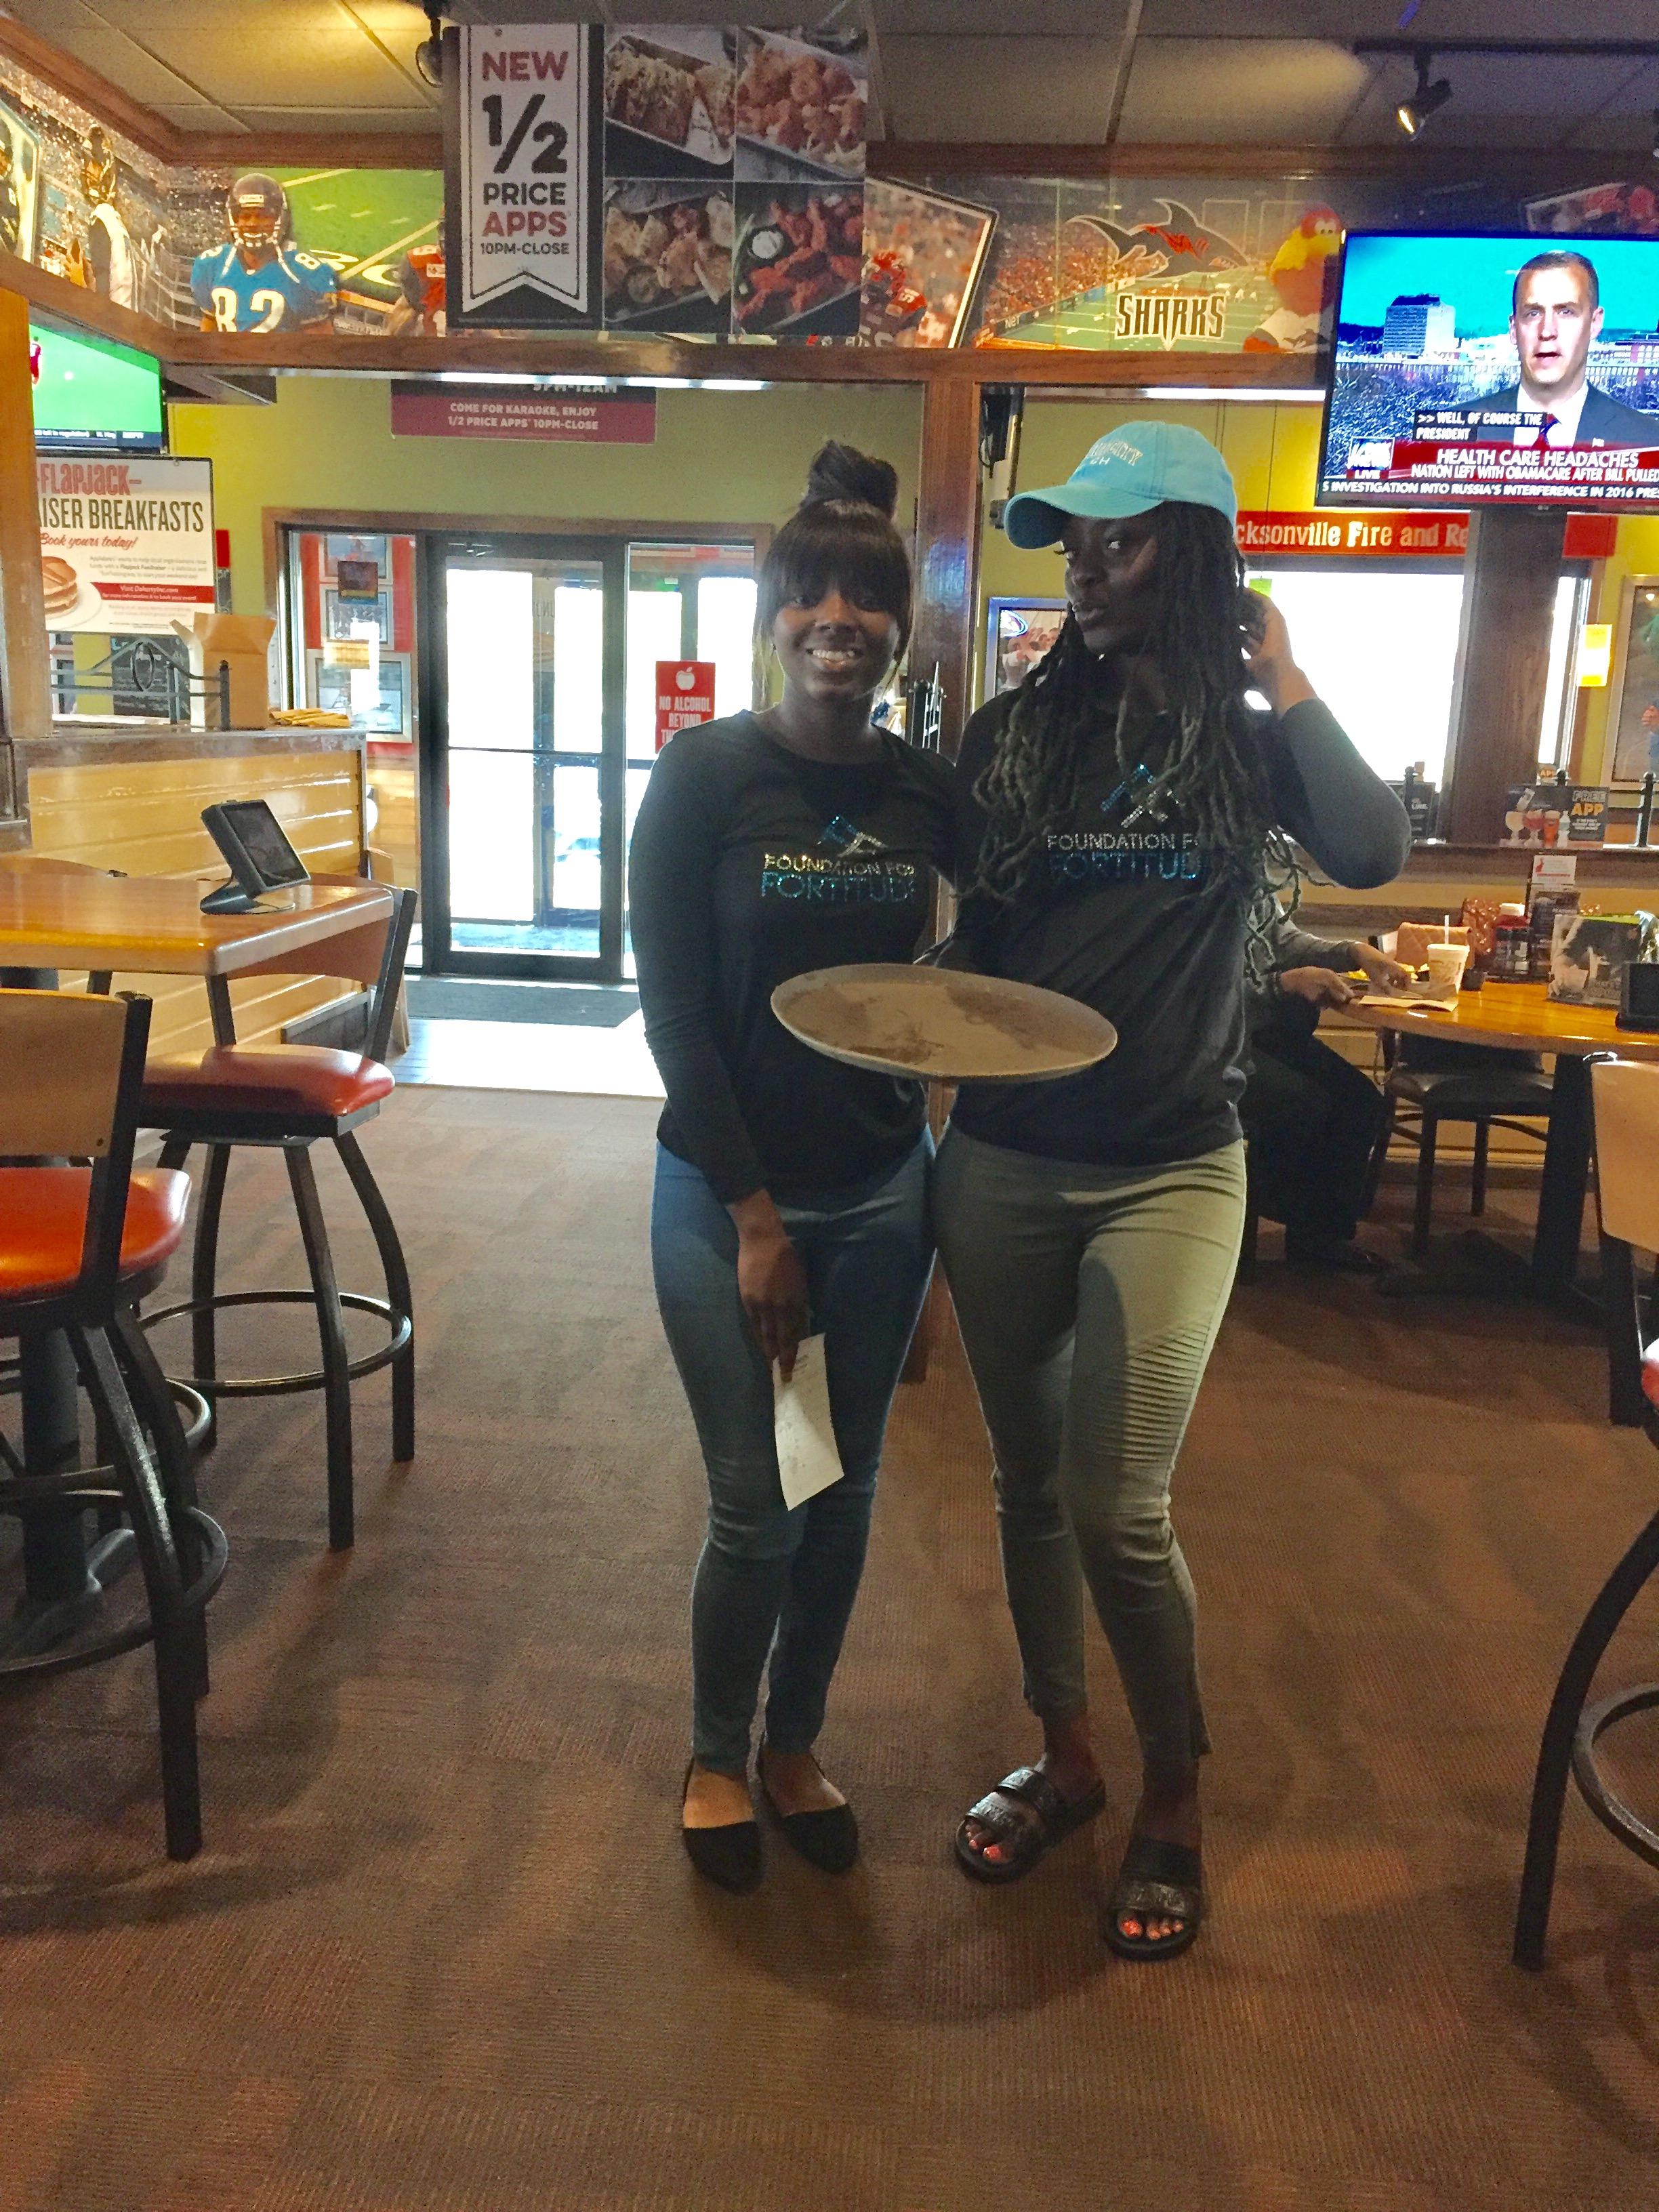 F3 Pancake Fundraiser Jacksonville